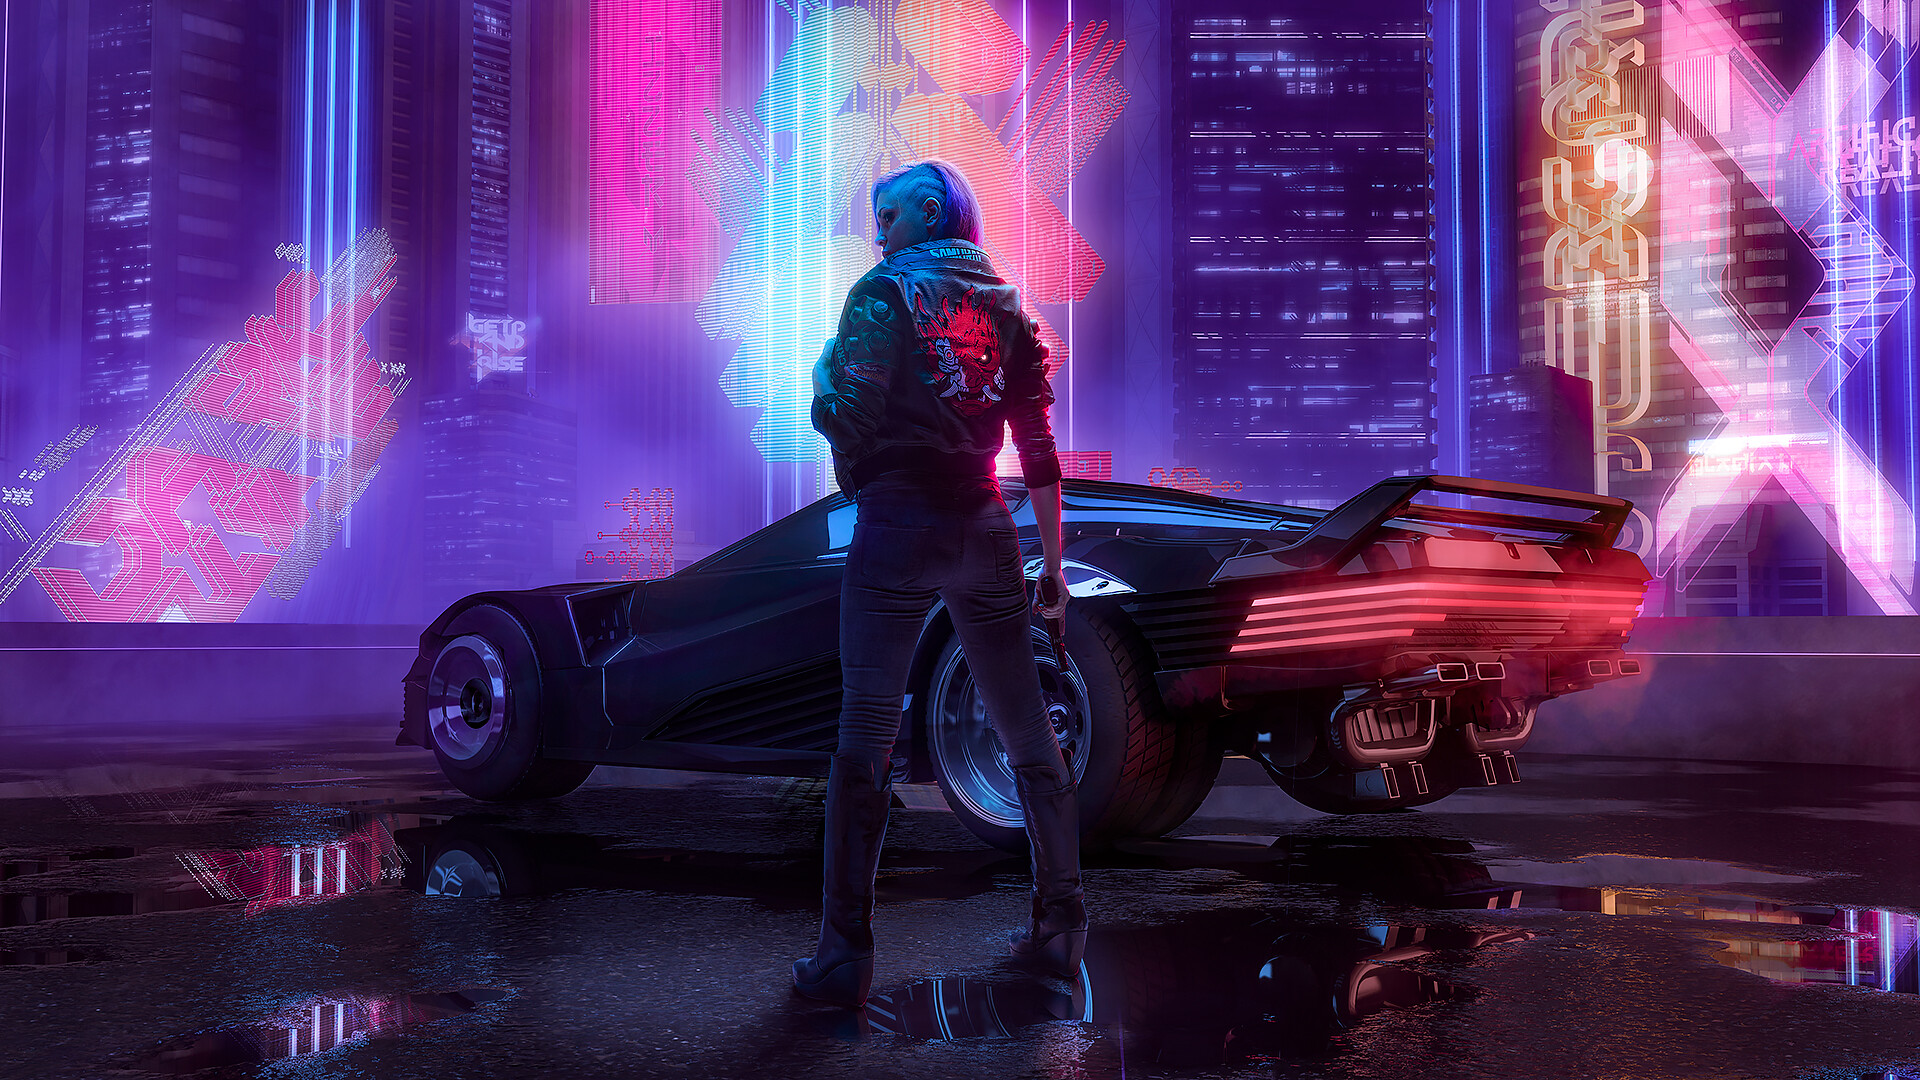 Новые подробности Cyberpunk 2077 — интервью с разработчиком